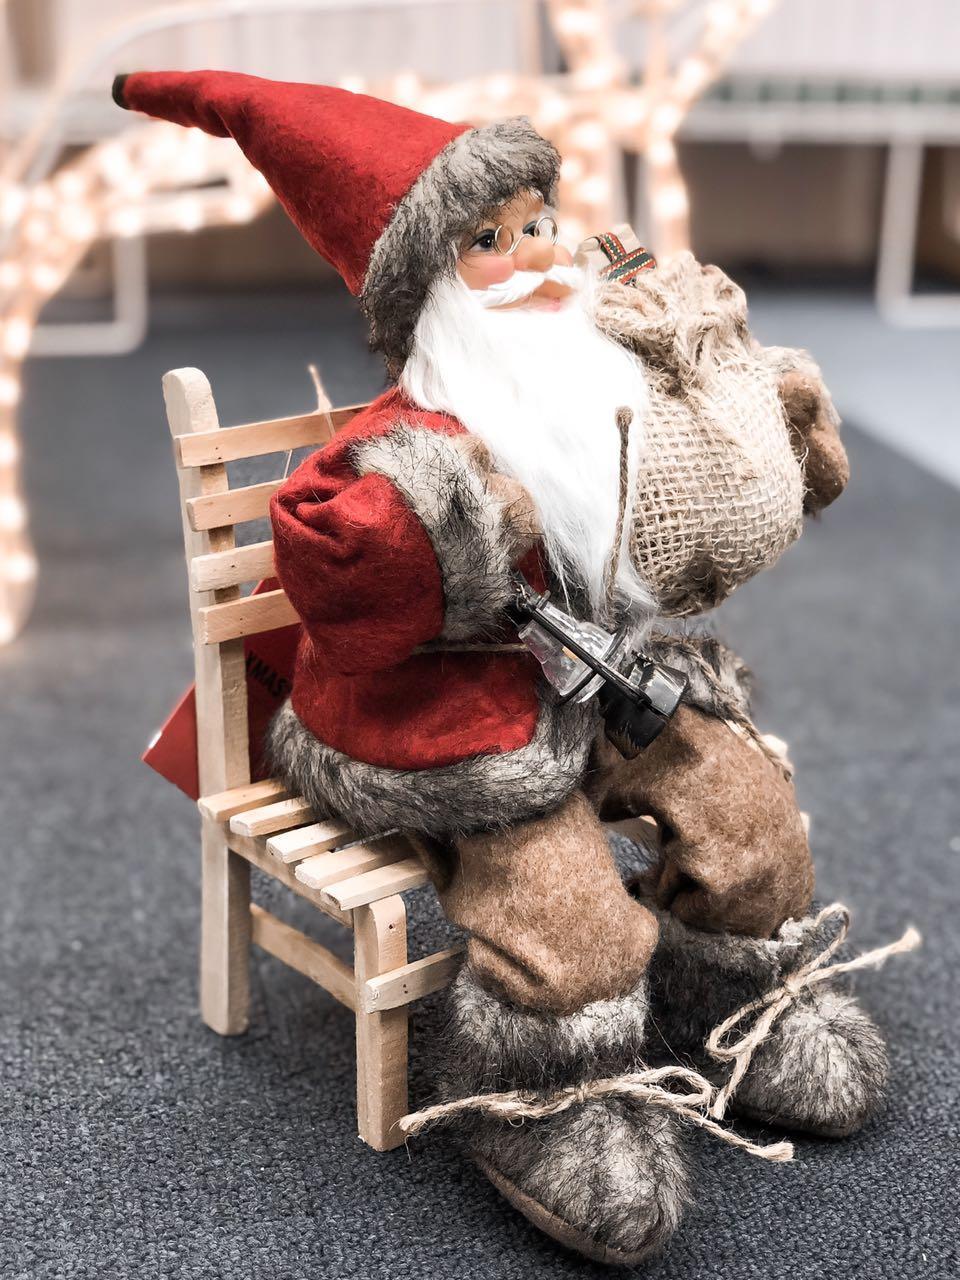 """Лялька """"Санта Клаус на стільці"""" колекційна 27см висота"""